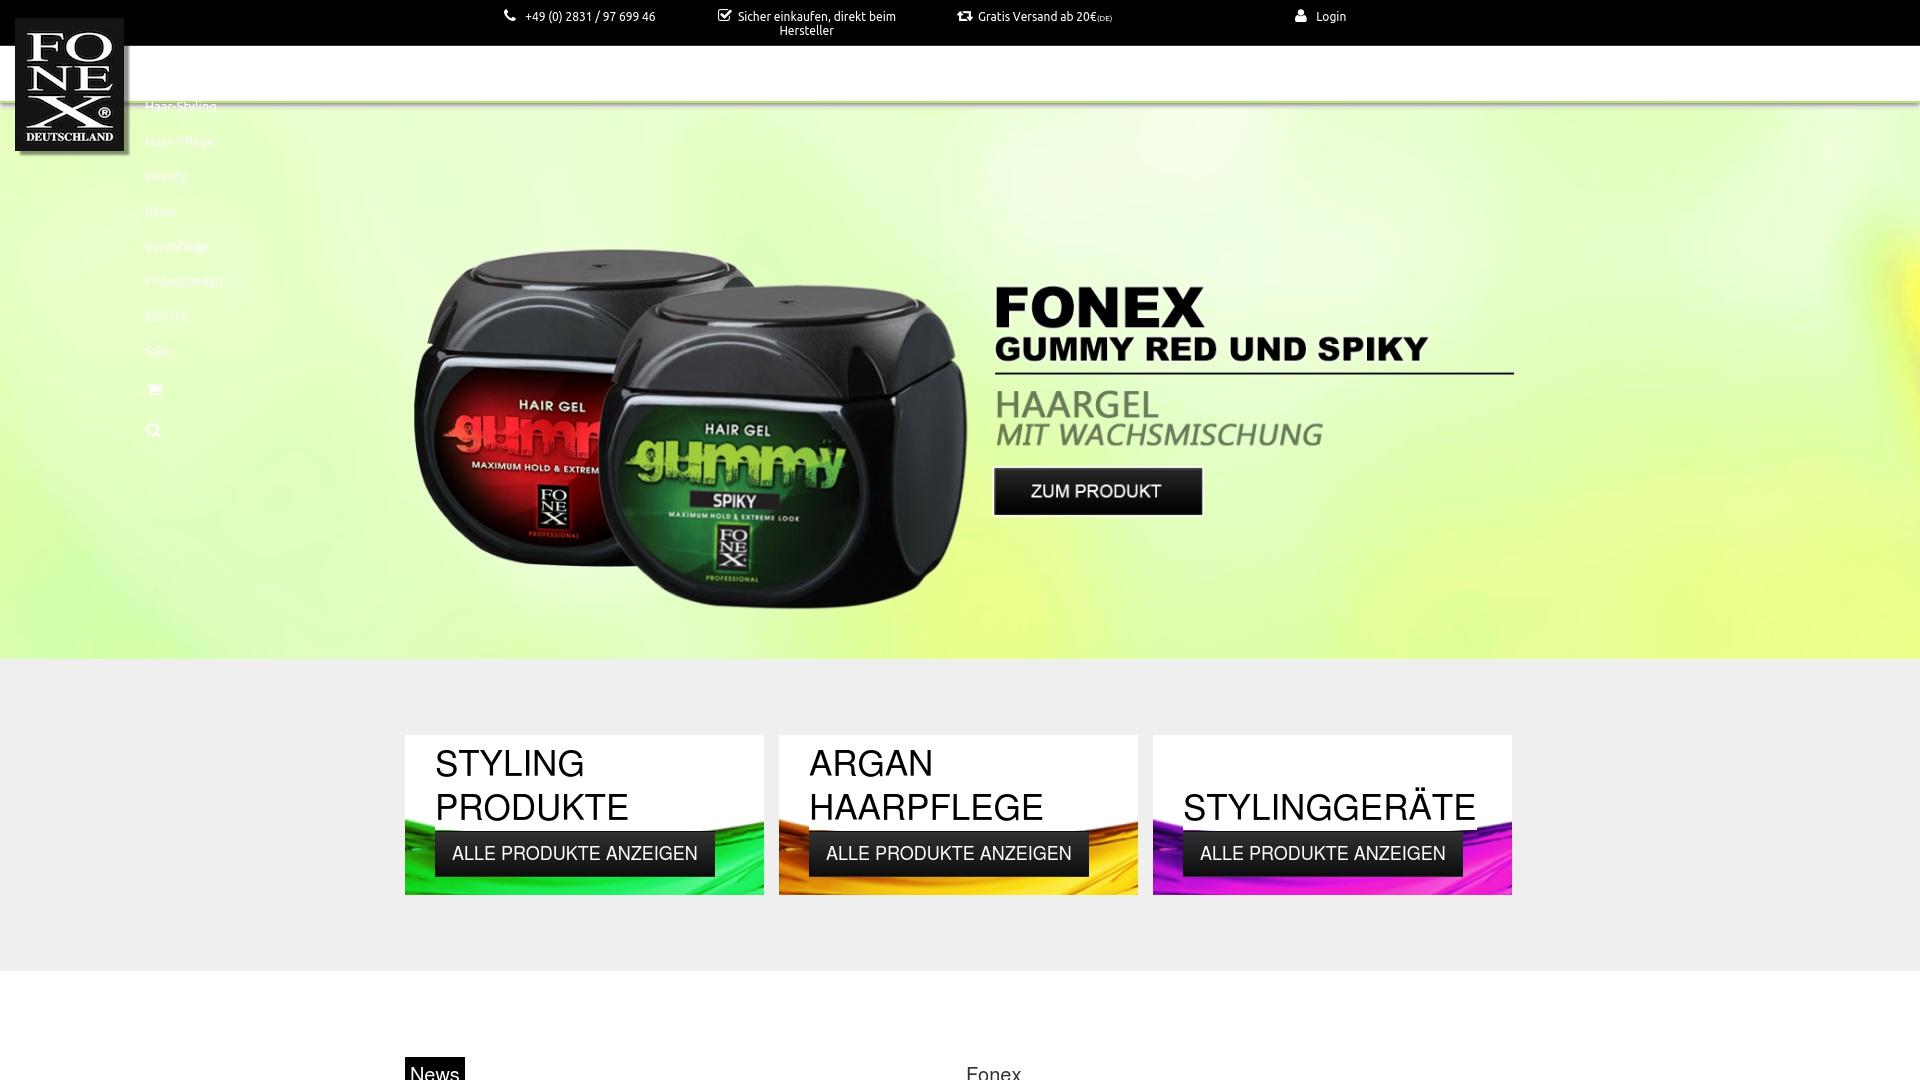 Gutschein für Fonexshop: Rabatte für  Fonexshop sichern